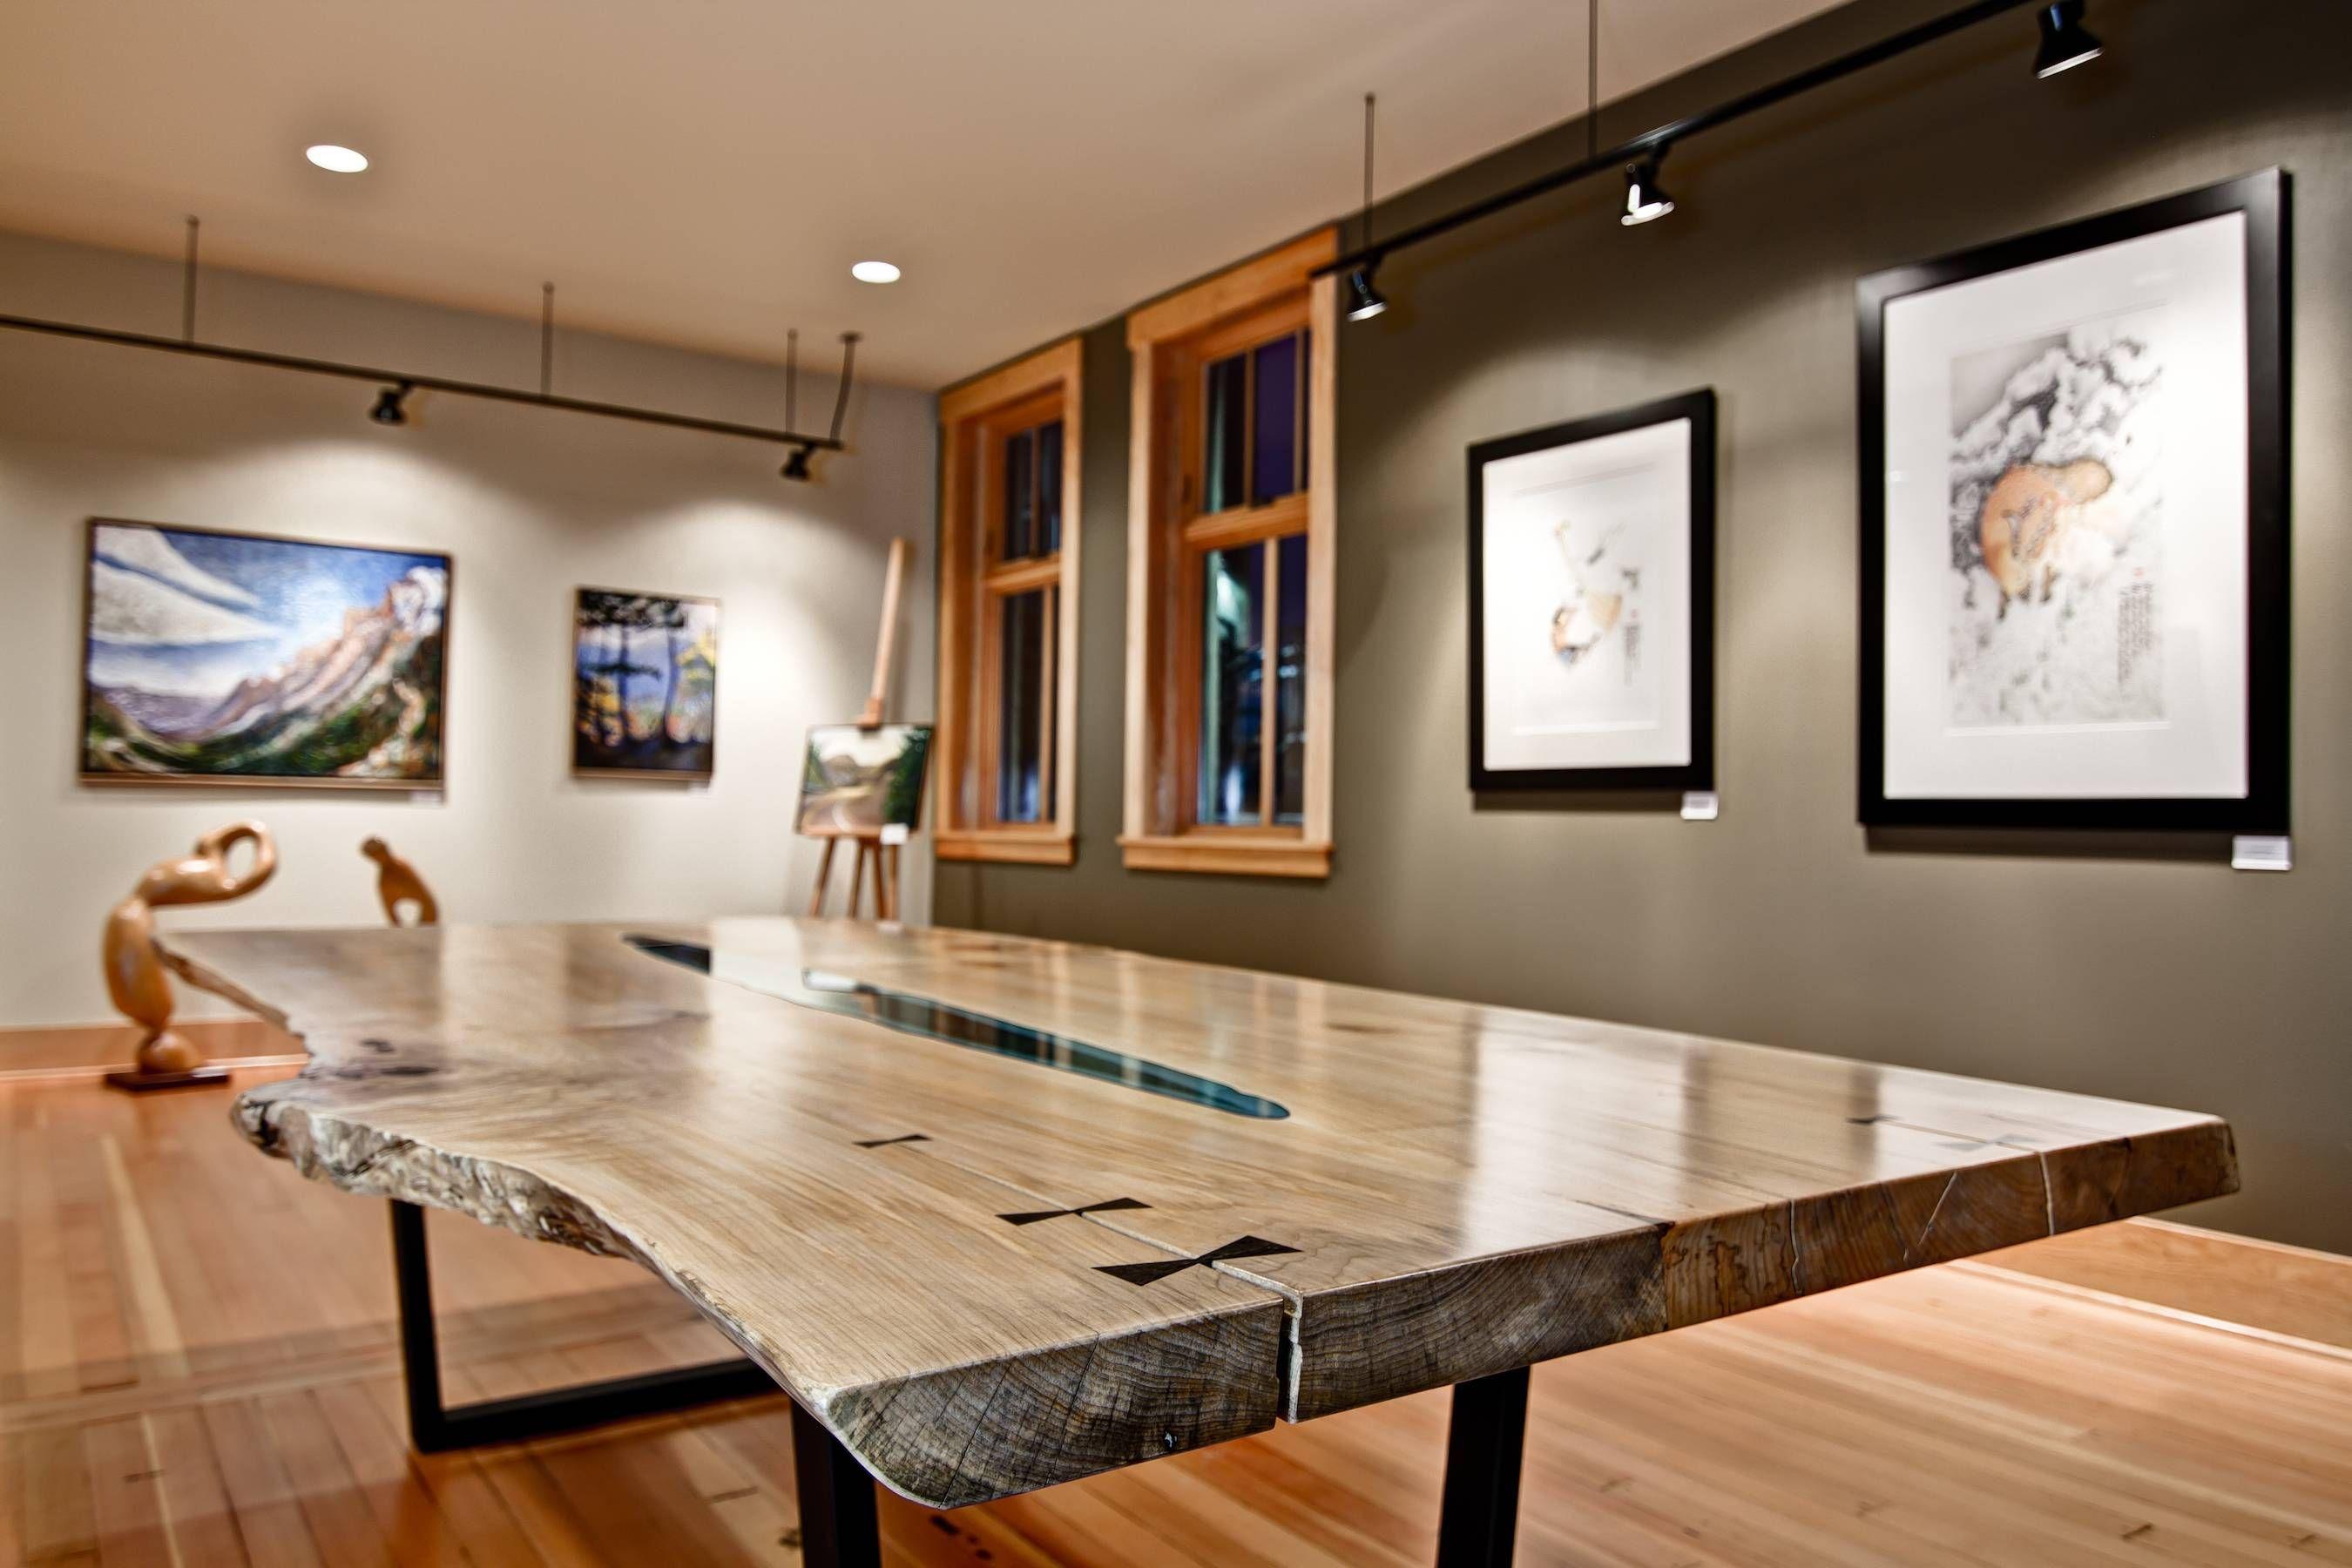 Credenza Con Vidrio : Mesas de madera incrustadas con ríos y lagos vidrio